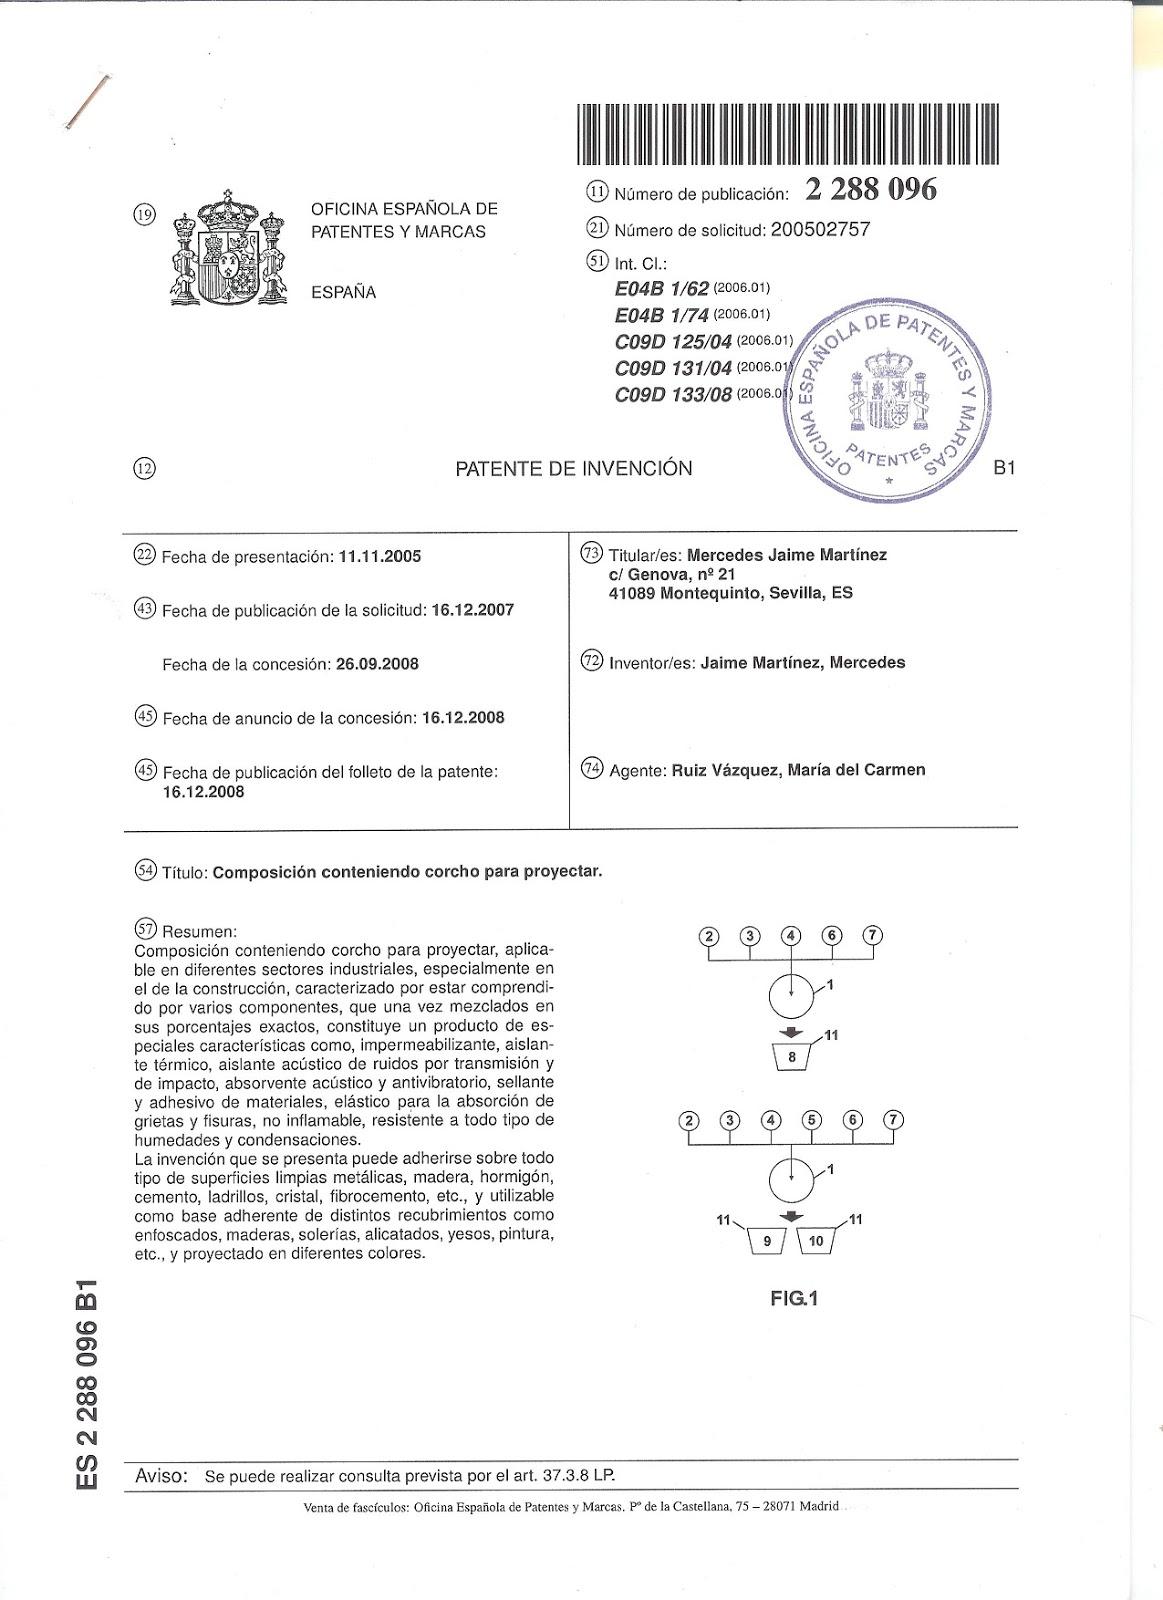 Corcho proyectado aislacork producto patentado en la for Oficina espanola de patentes y marcas